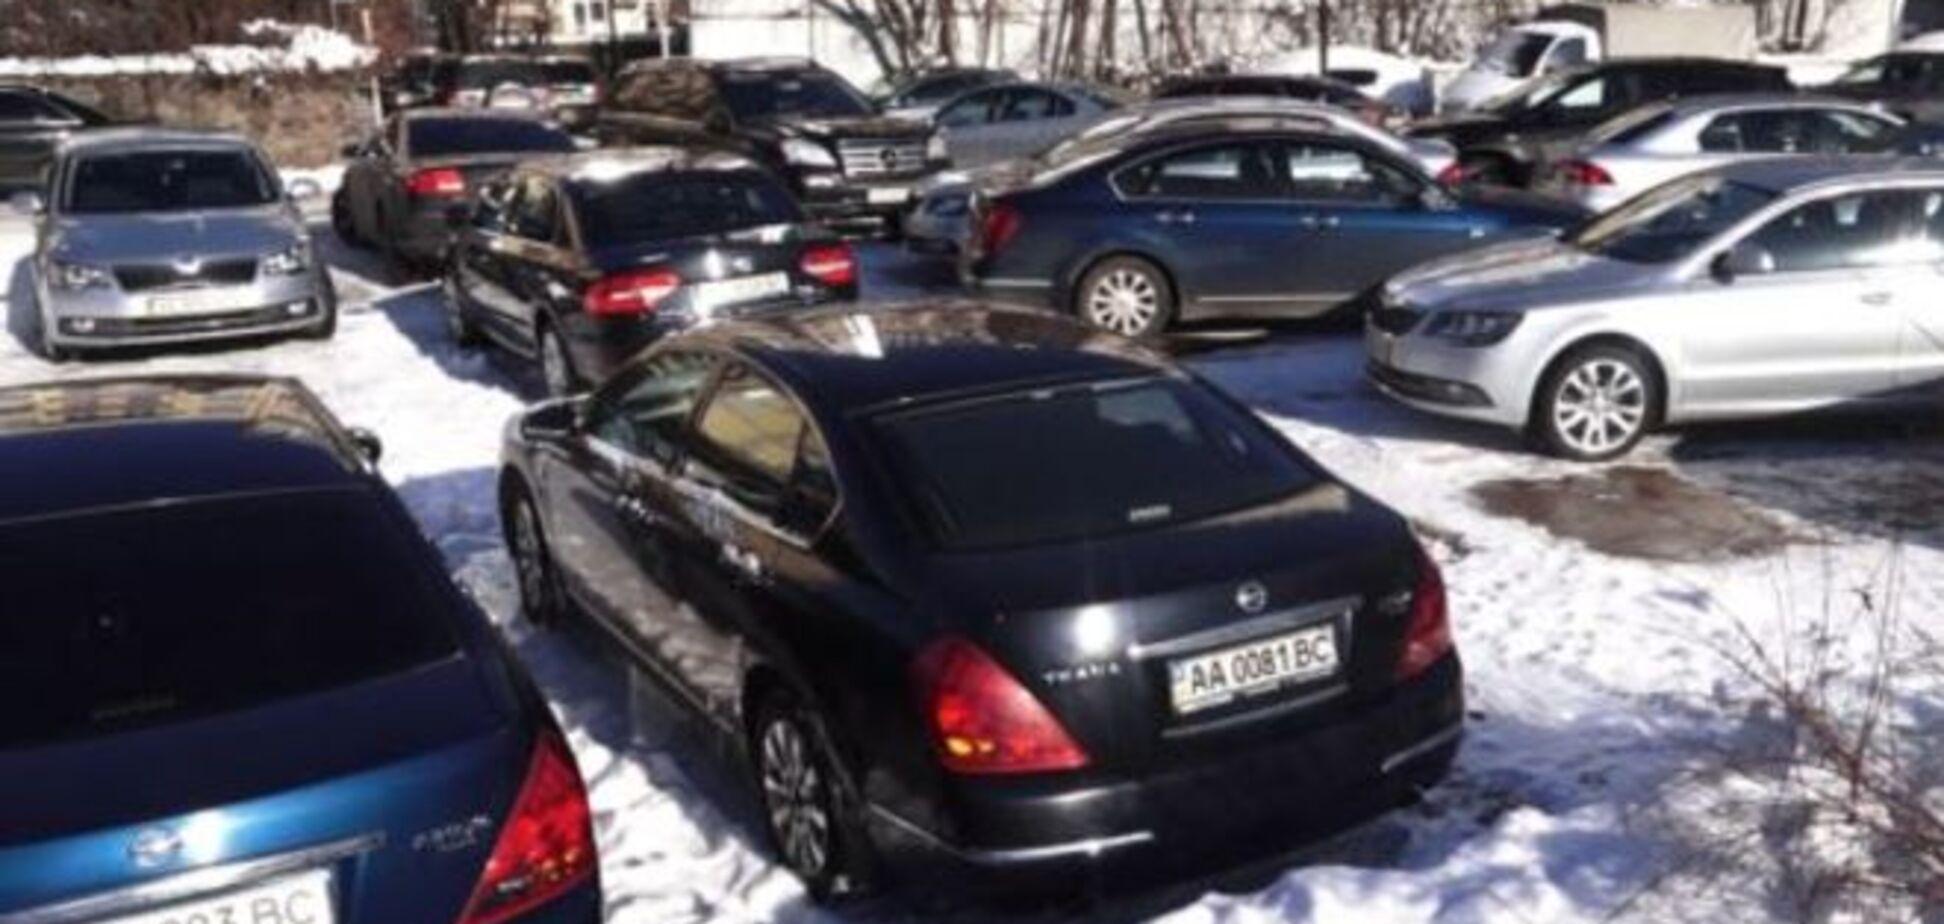 Журналисты выяснили, во сколько обходится украинцам 'аномальный' автопарк Верховного суда